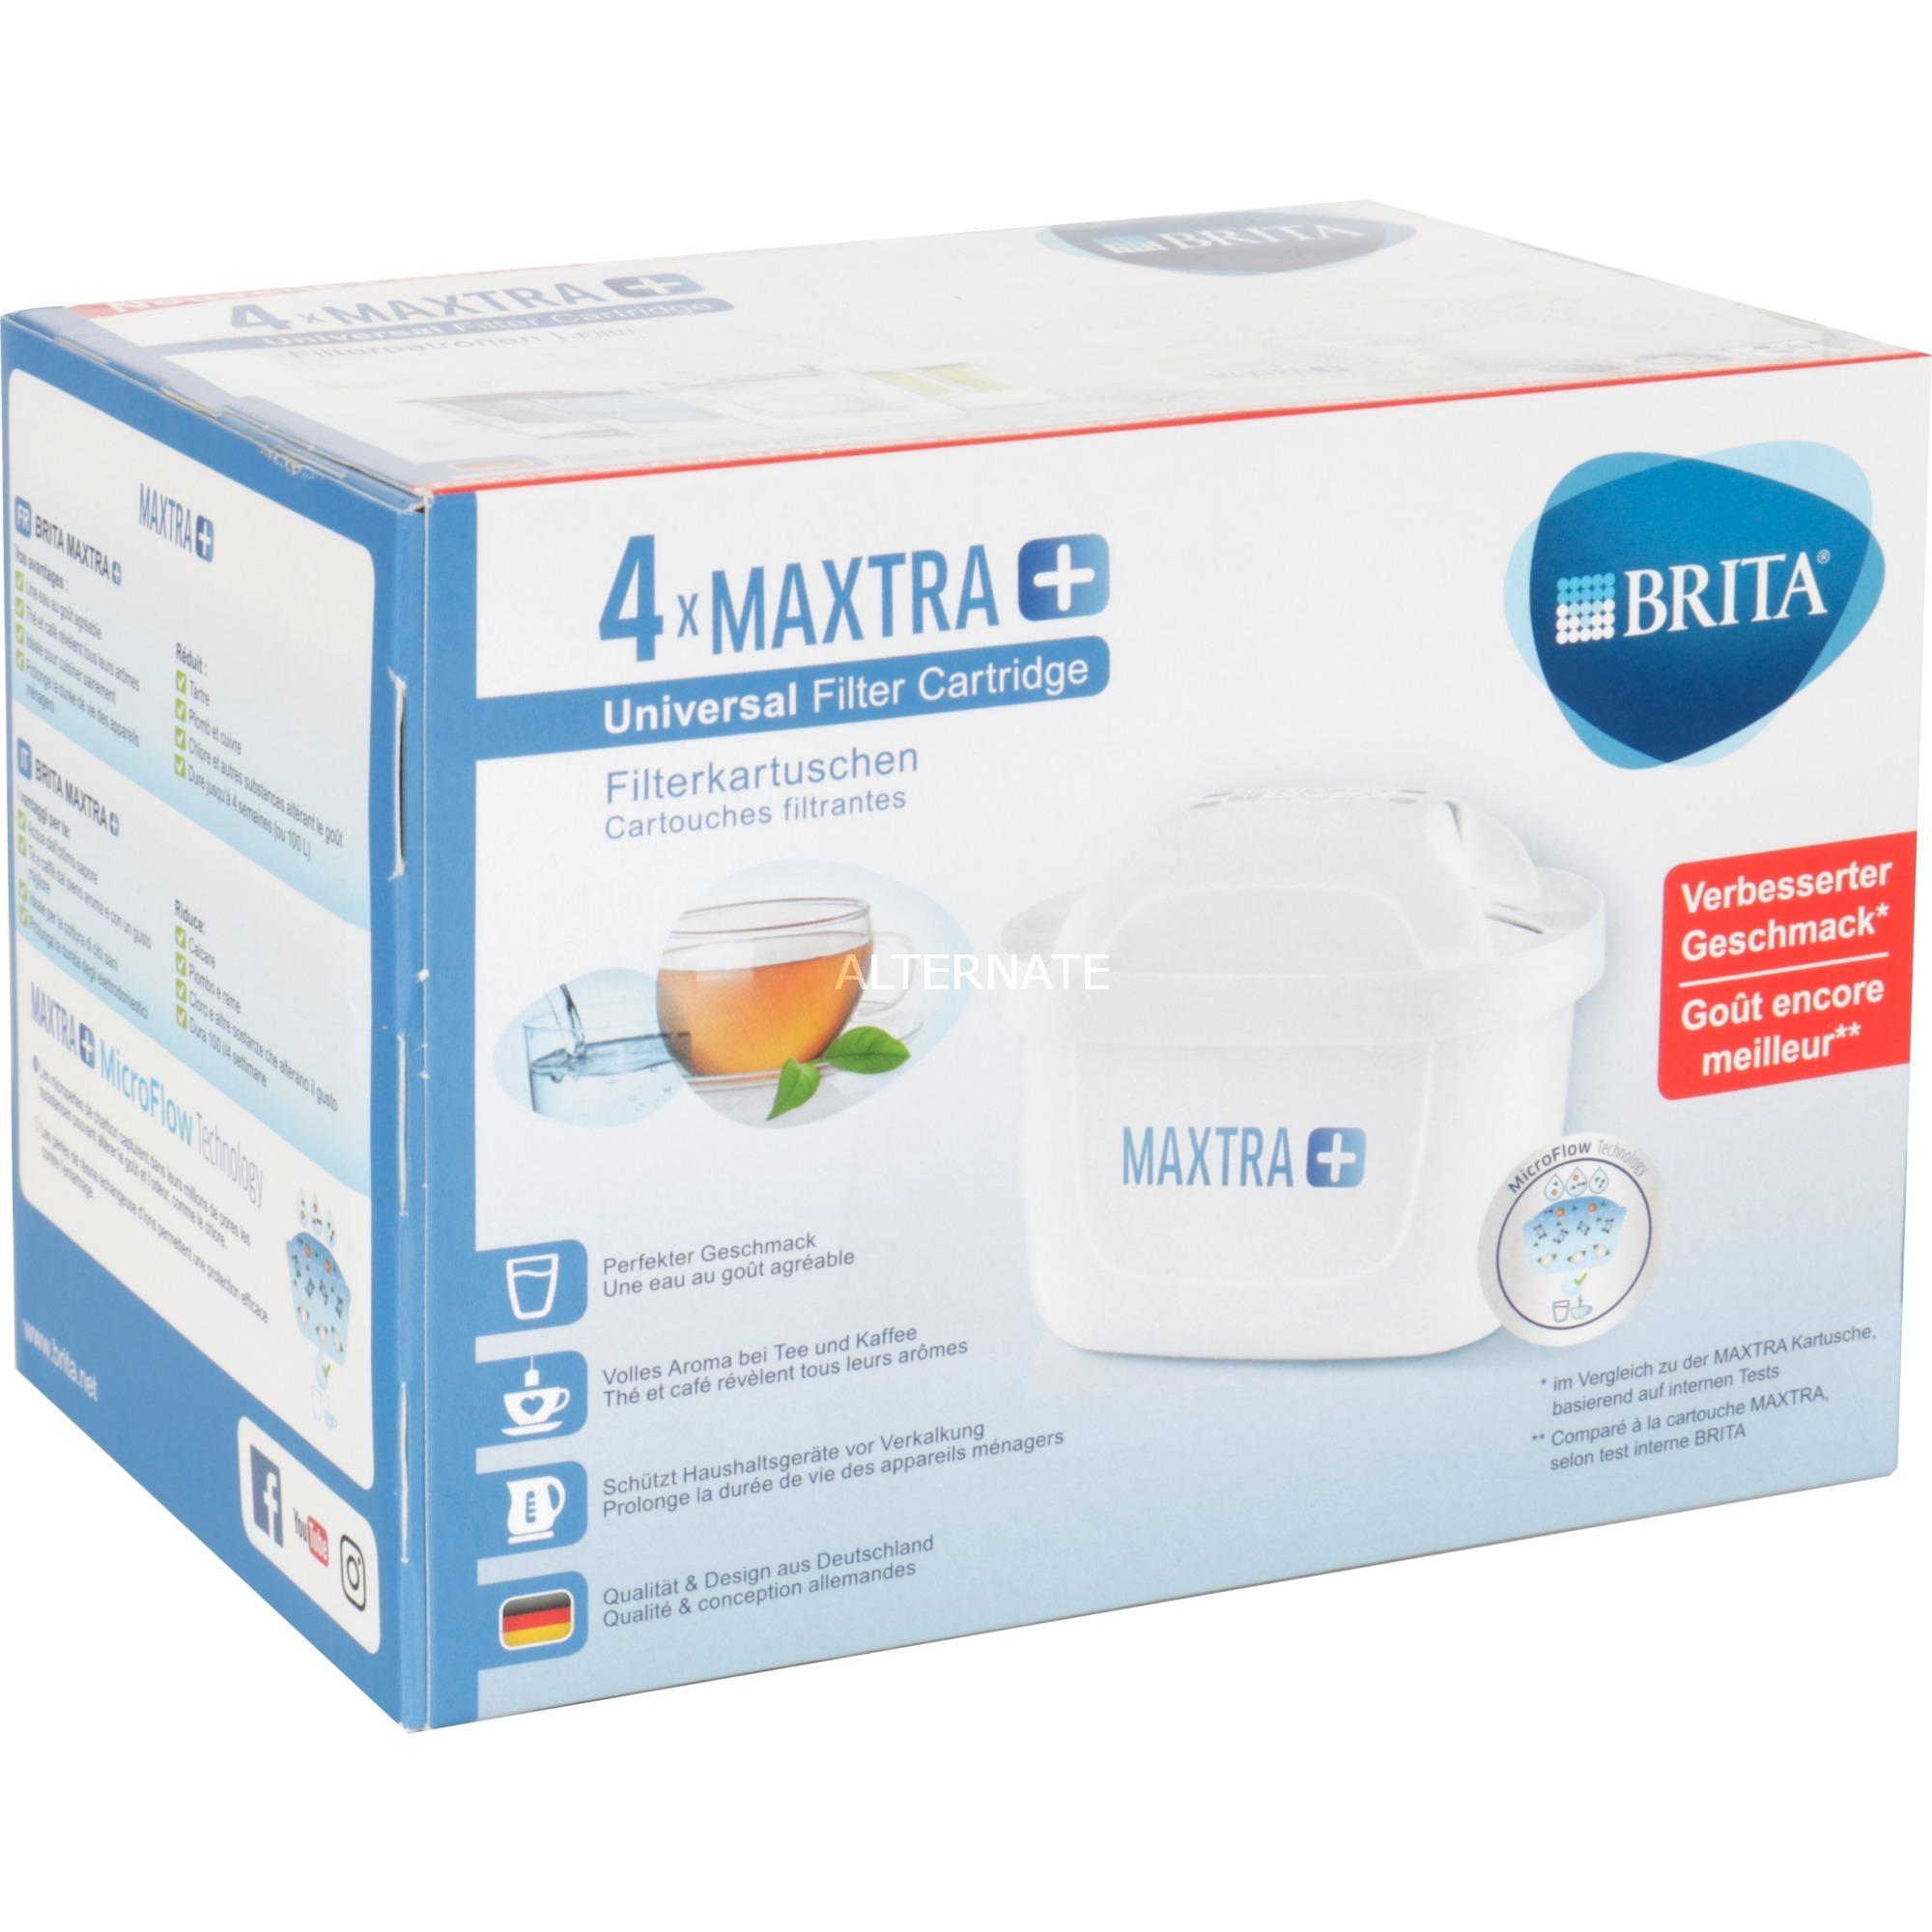 Maxtra+ 4-pack Cartucho 4 pieza(s), Filtro de agua